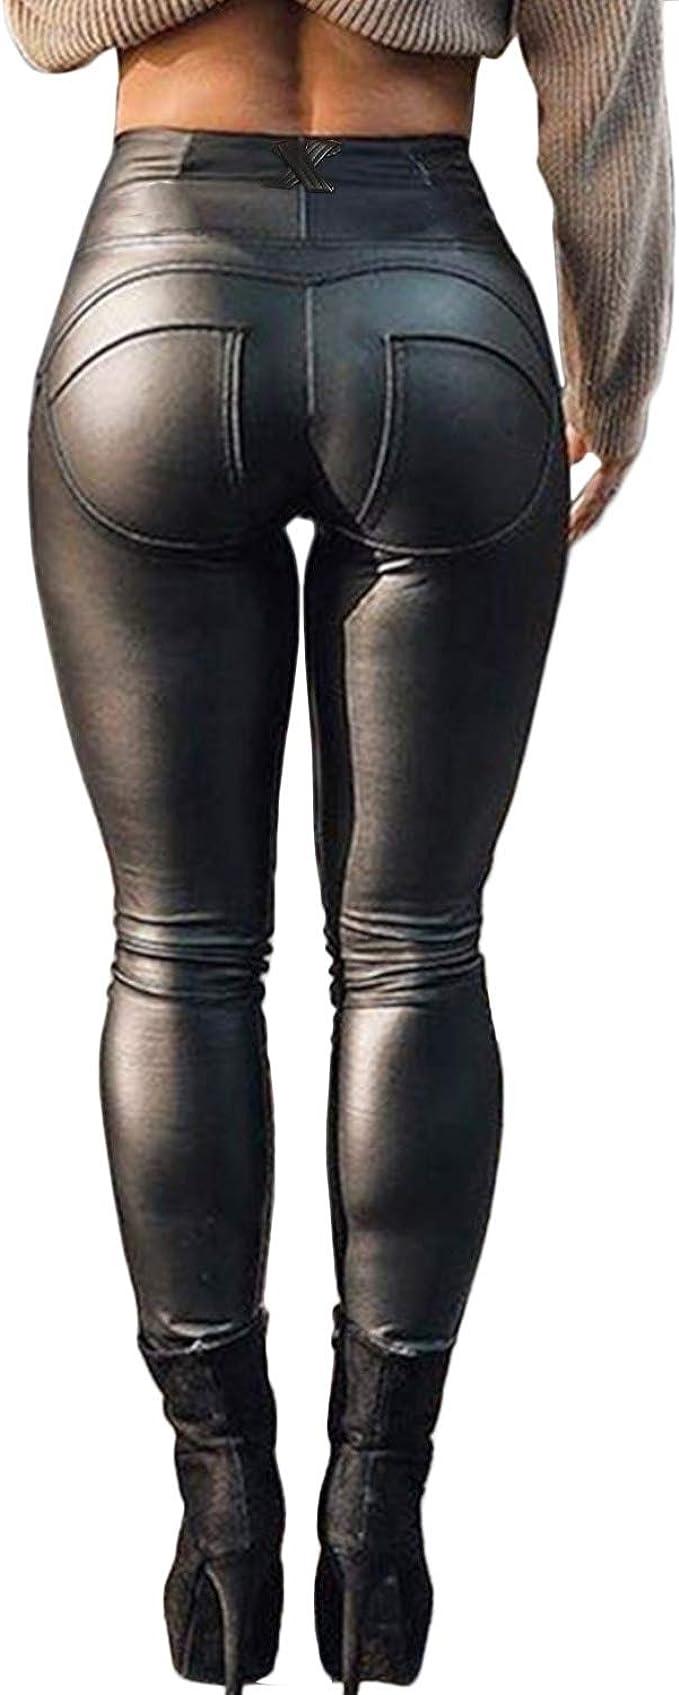 Big Ass Leggings Candid